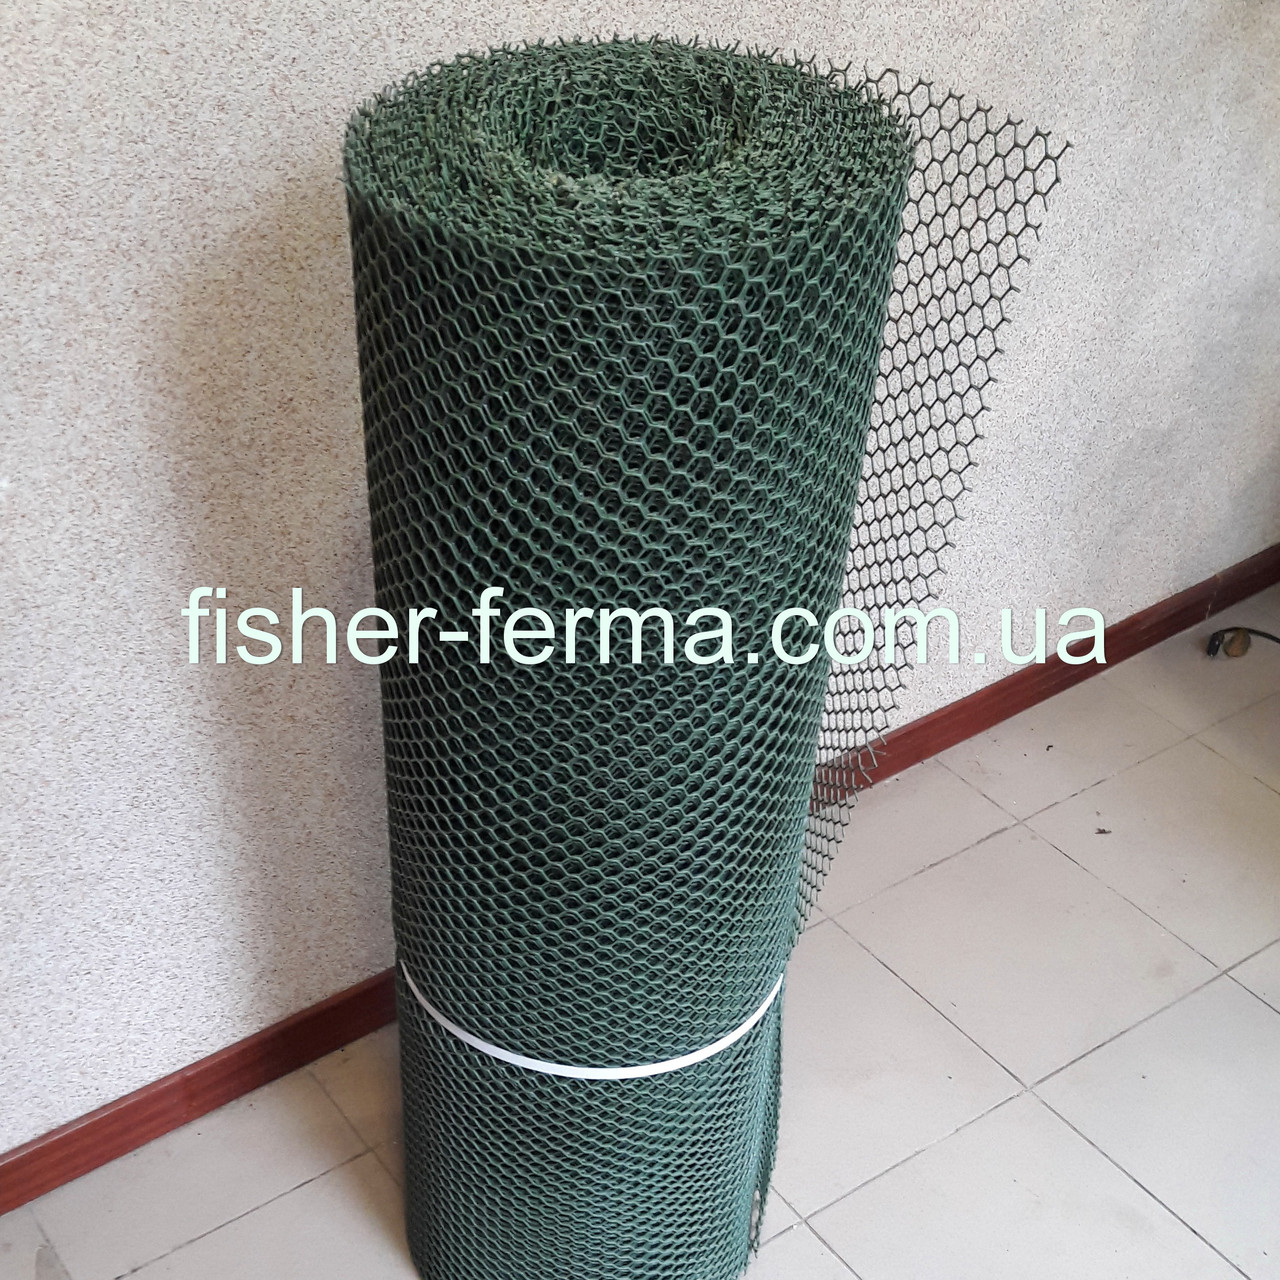 Сетка пластиковая 12х15х2,2мм  (1,5х30 метров)